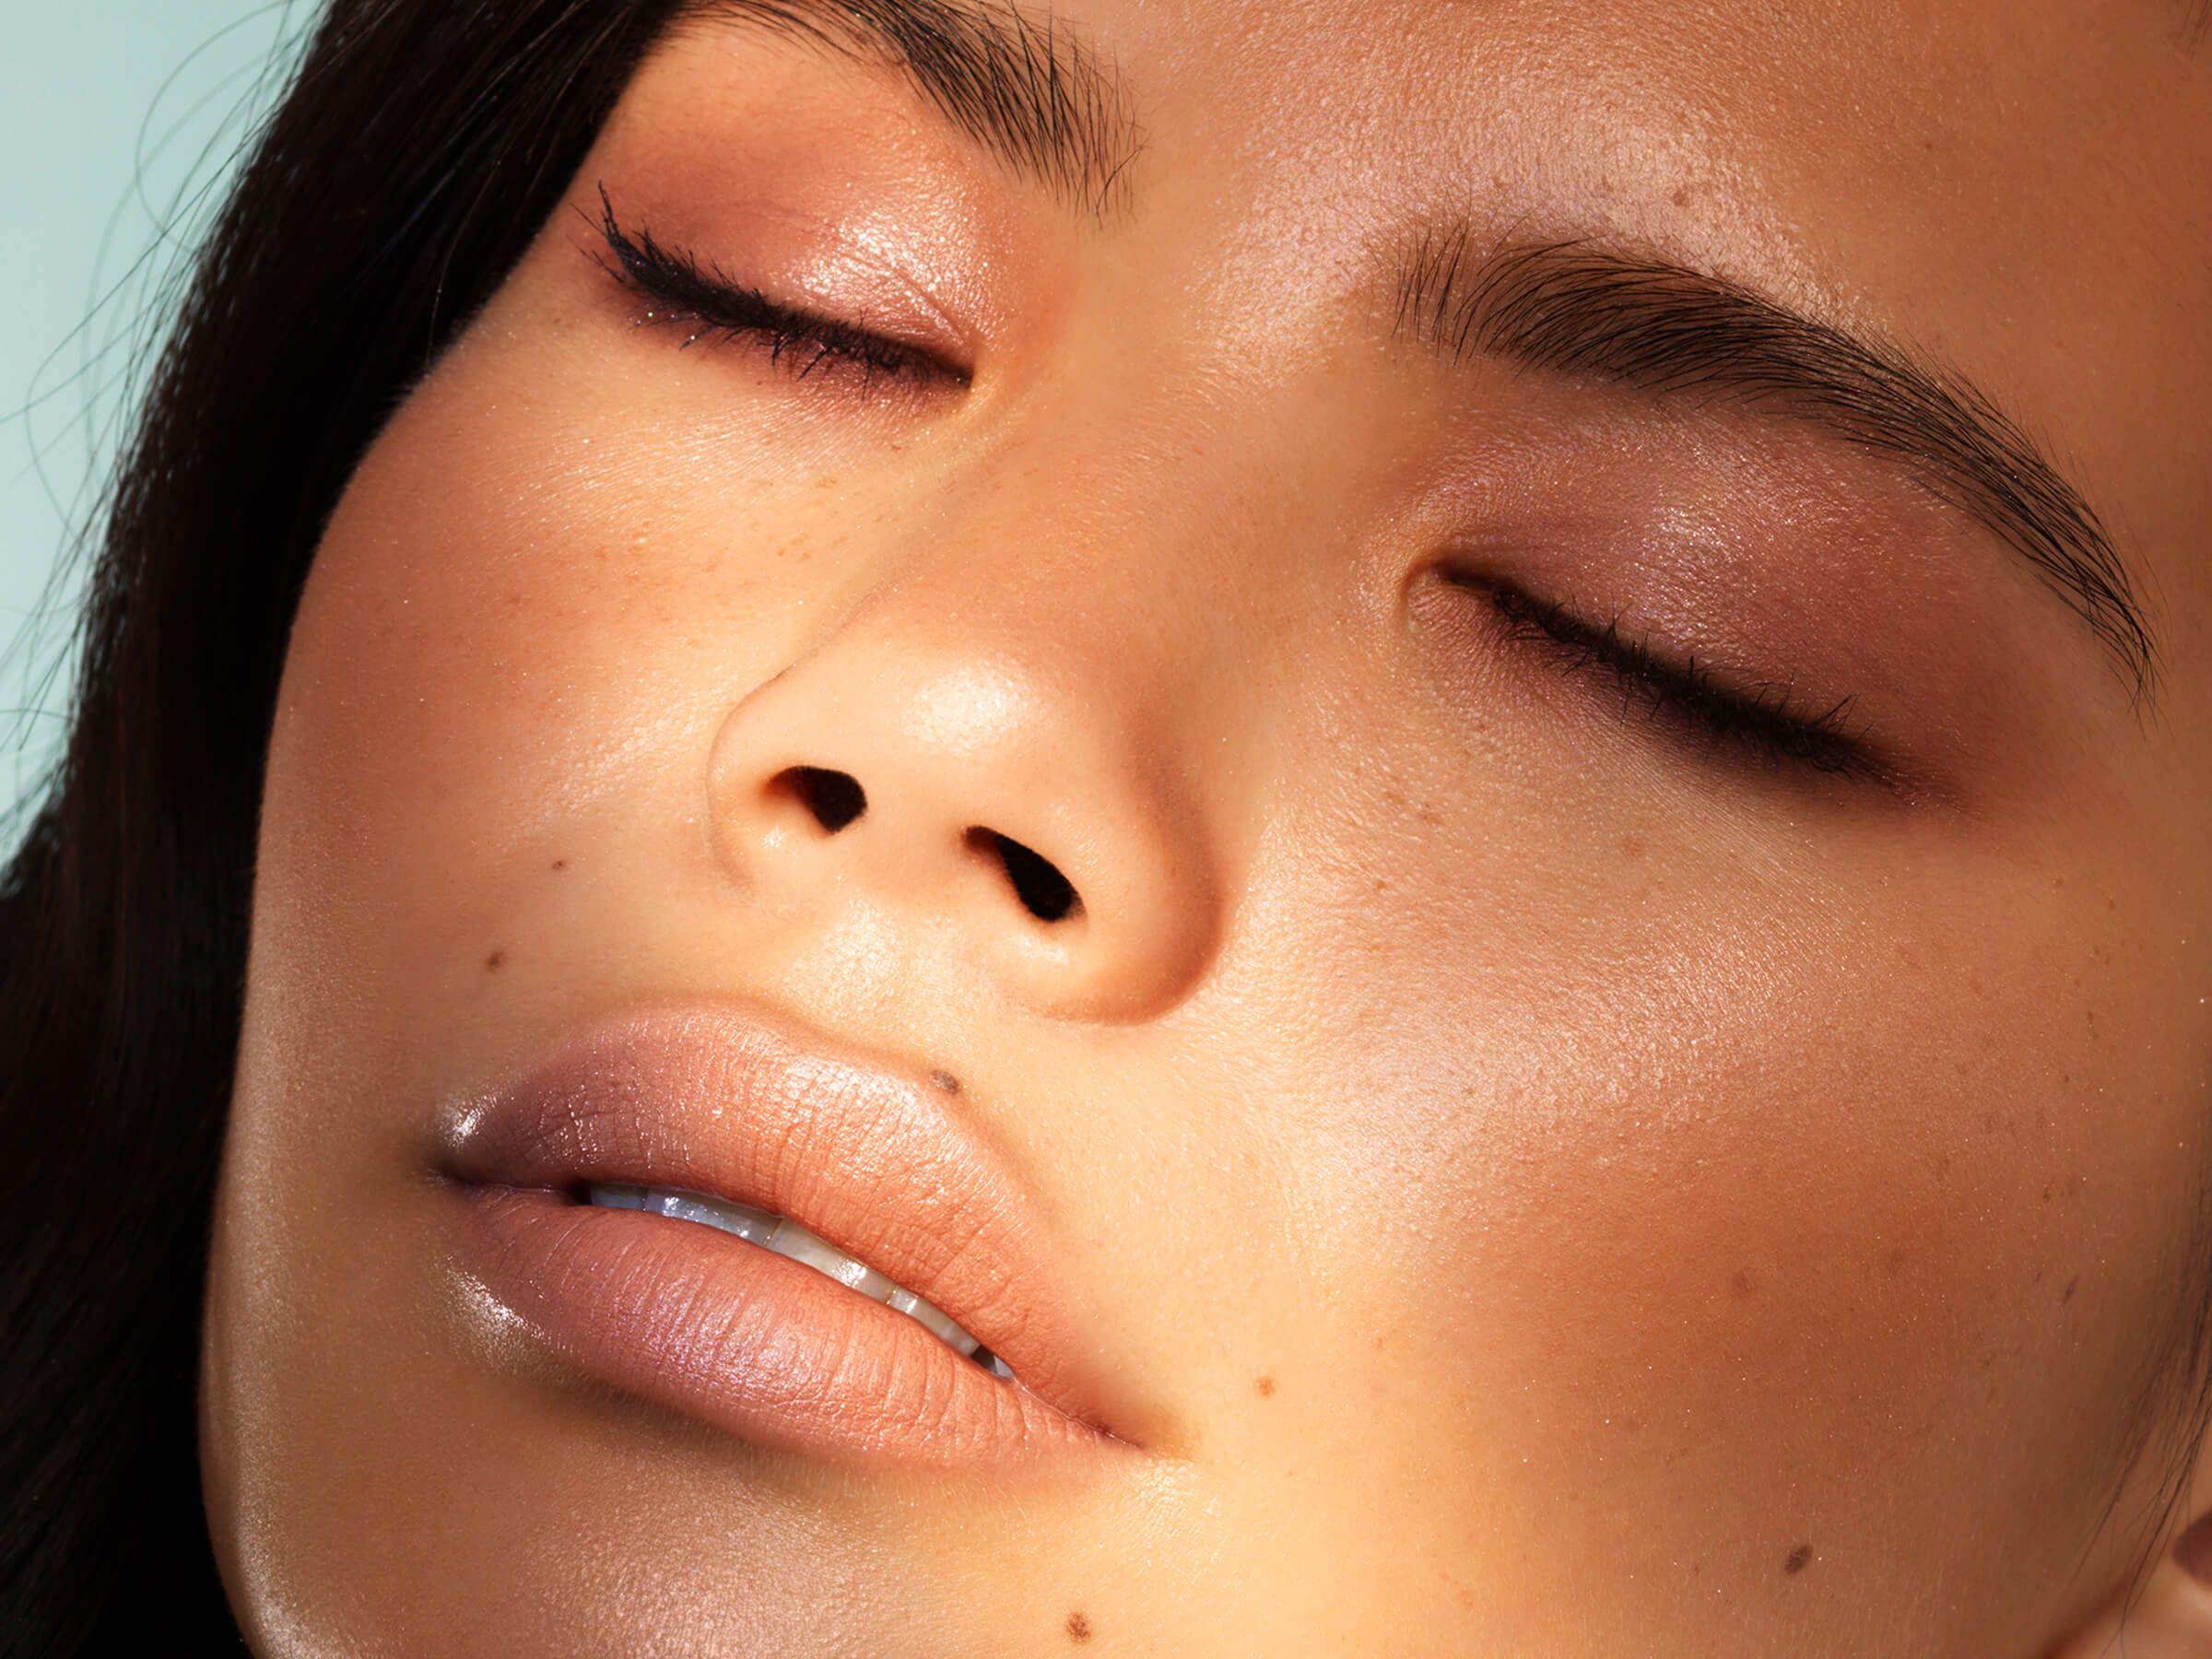 Plum eyeshadow beauty trend on model